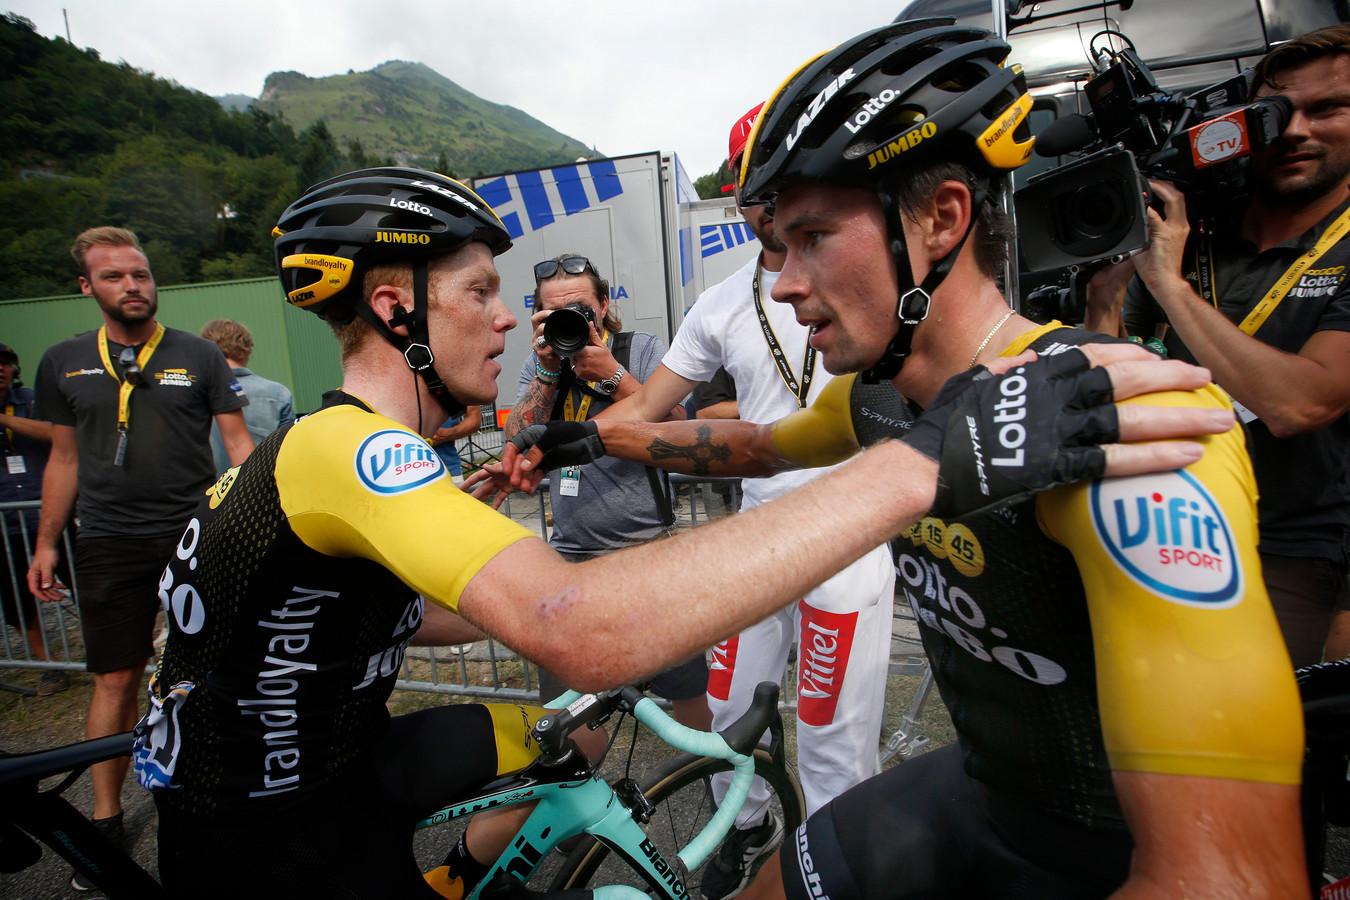 Met Steven Kruijswijk en Primoz Roglic heeft Jumbo-Visma al twee renners in huis die dit seizoen op het podium eindigden in een grote ronde.